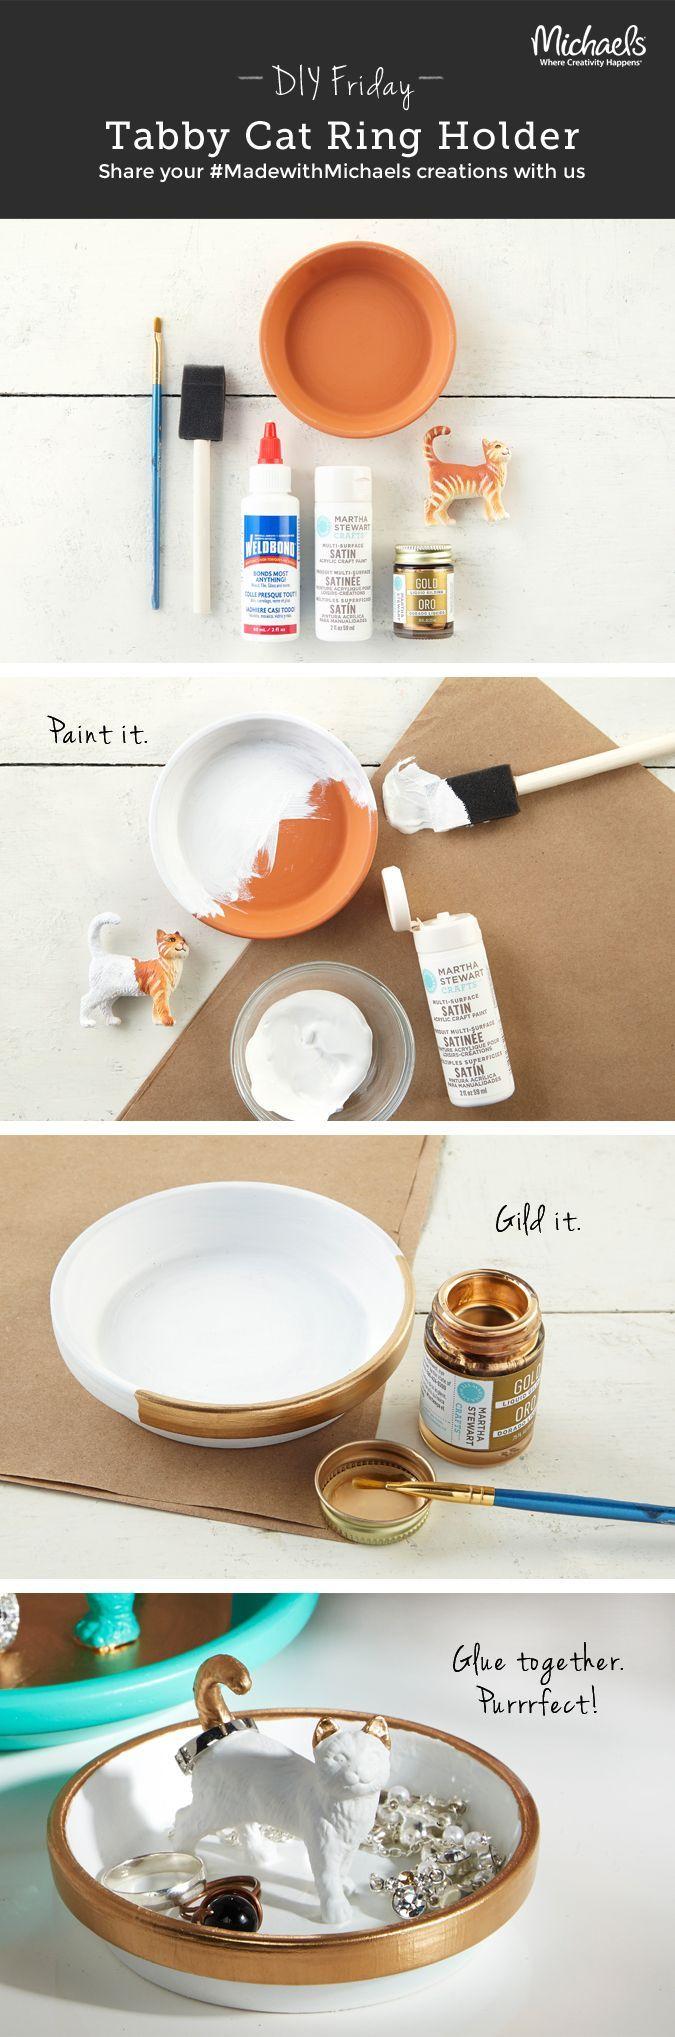 DIYFriday DIY Tabby Cat Ring Holder #DIY #crafts http://www.michaels.com/tabby-cat-ring-holder/B_61831.html?crlt.pid=camp.mz7bRrlKFg4C&start=3